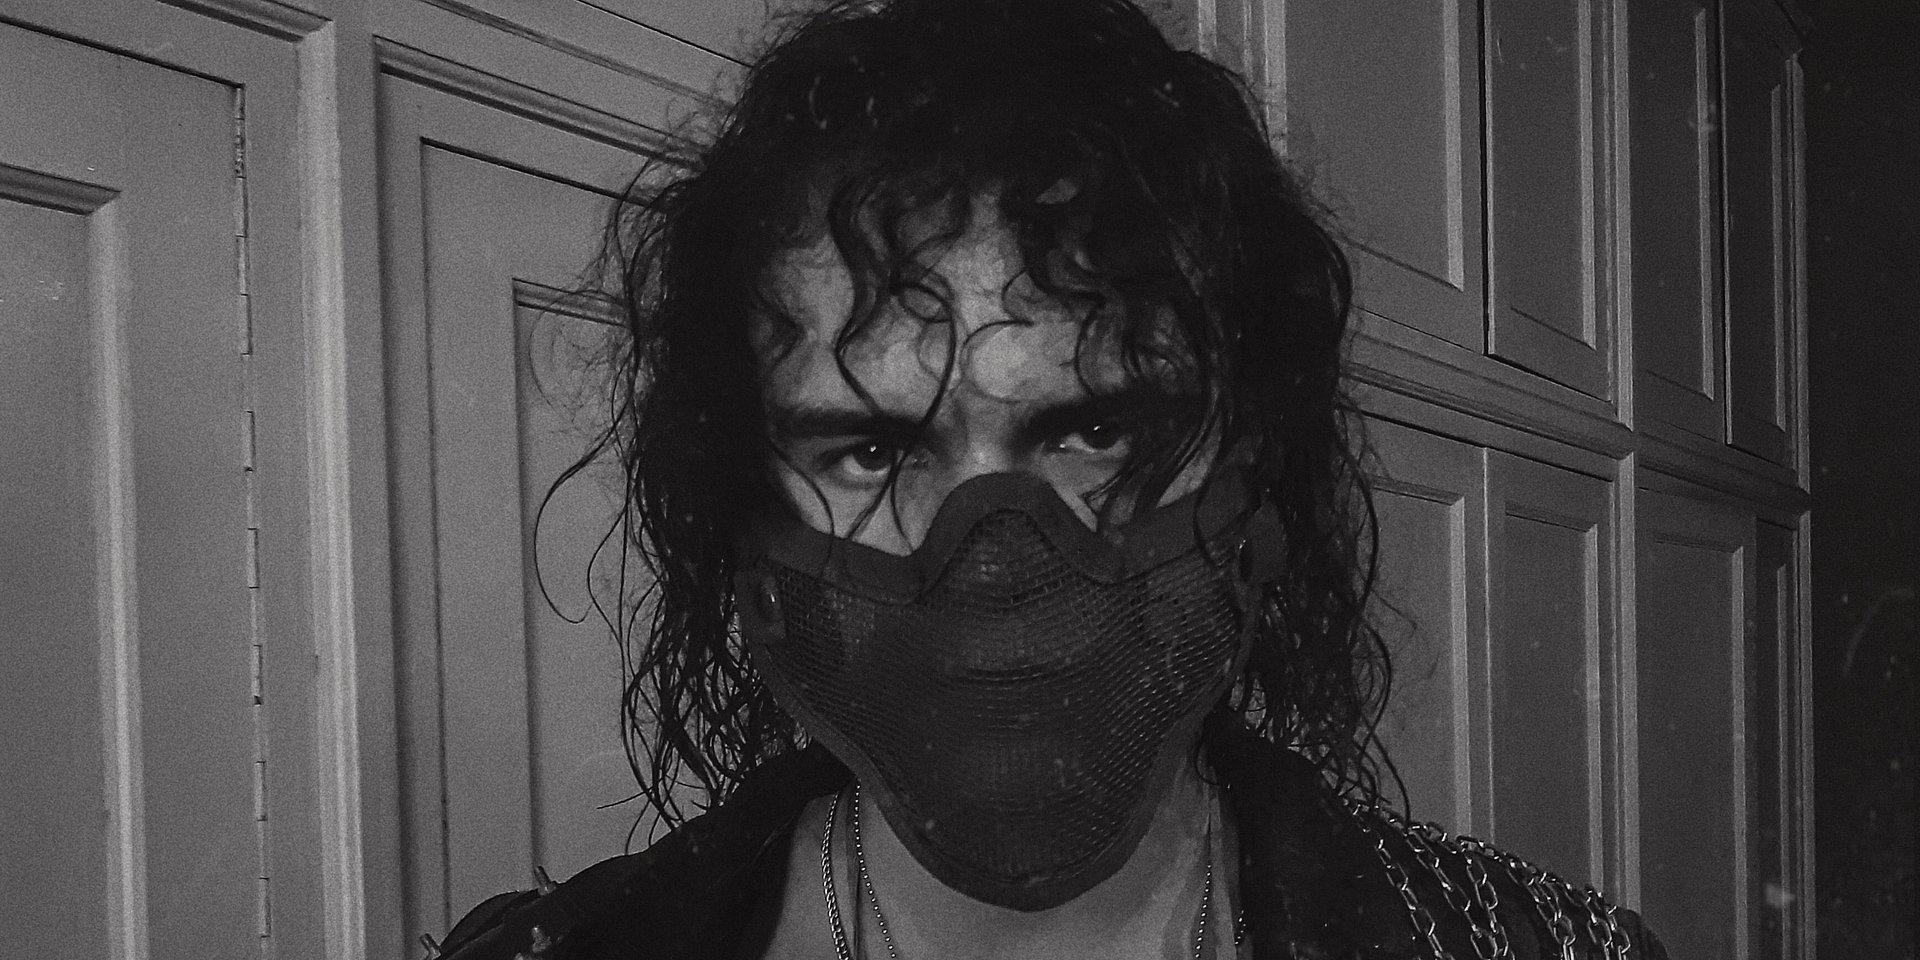 Sarius wydaje nowy utwór i rozpoczyna przedsprzedaż albumu